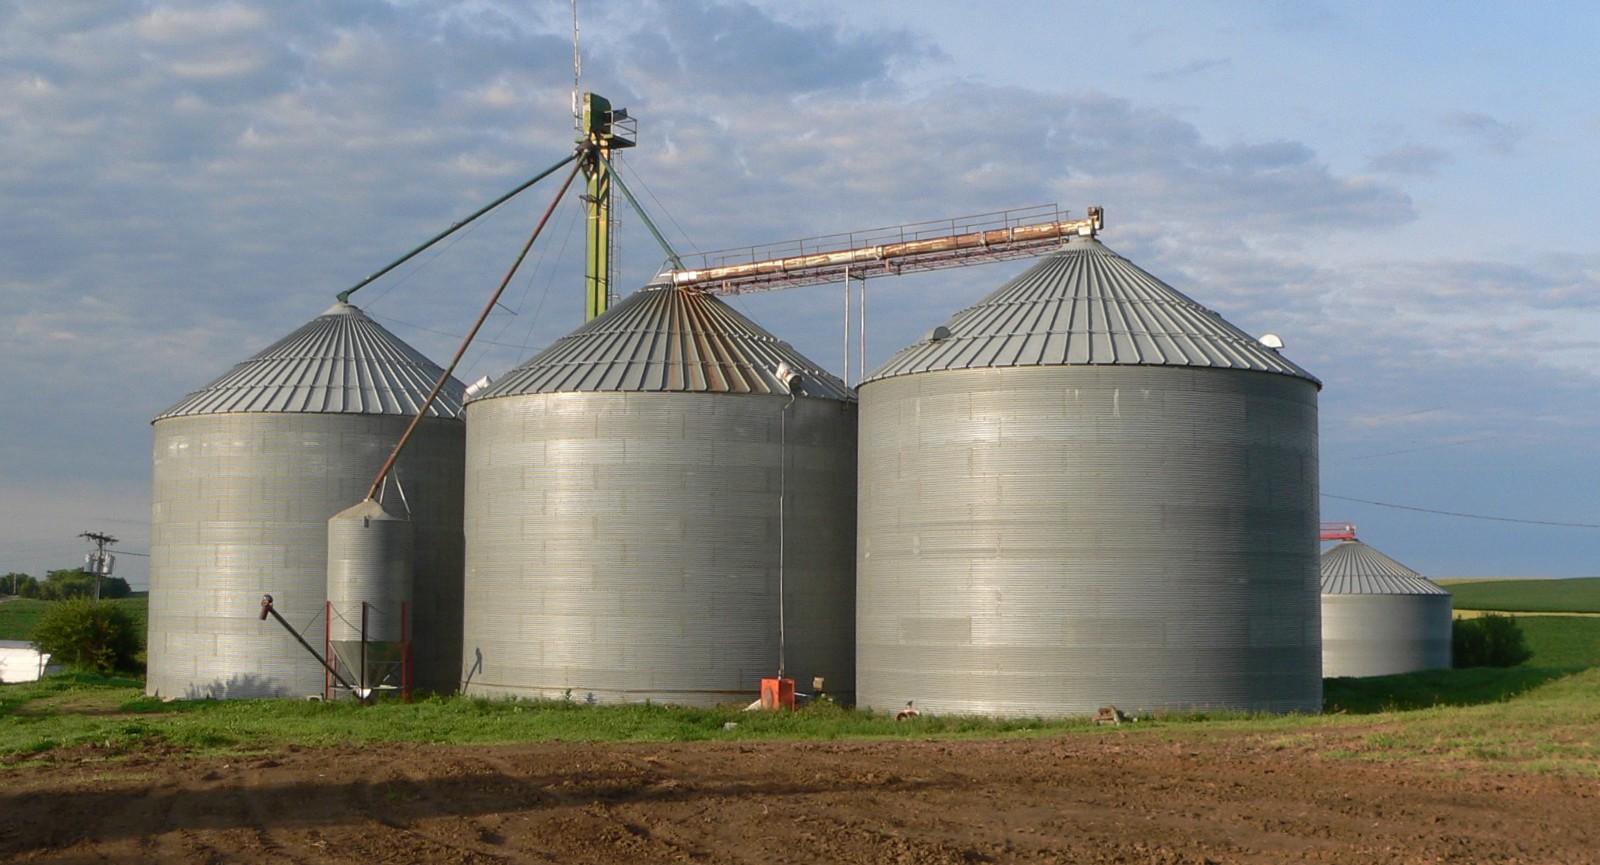 /how-a-north-dakota-farmer-built-an-iot-driven-farm-99a0ecc56f10 feature image